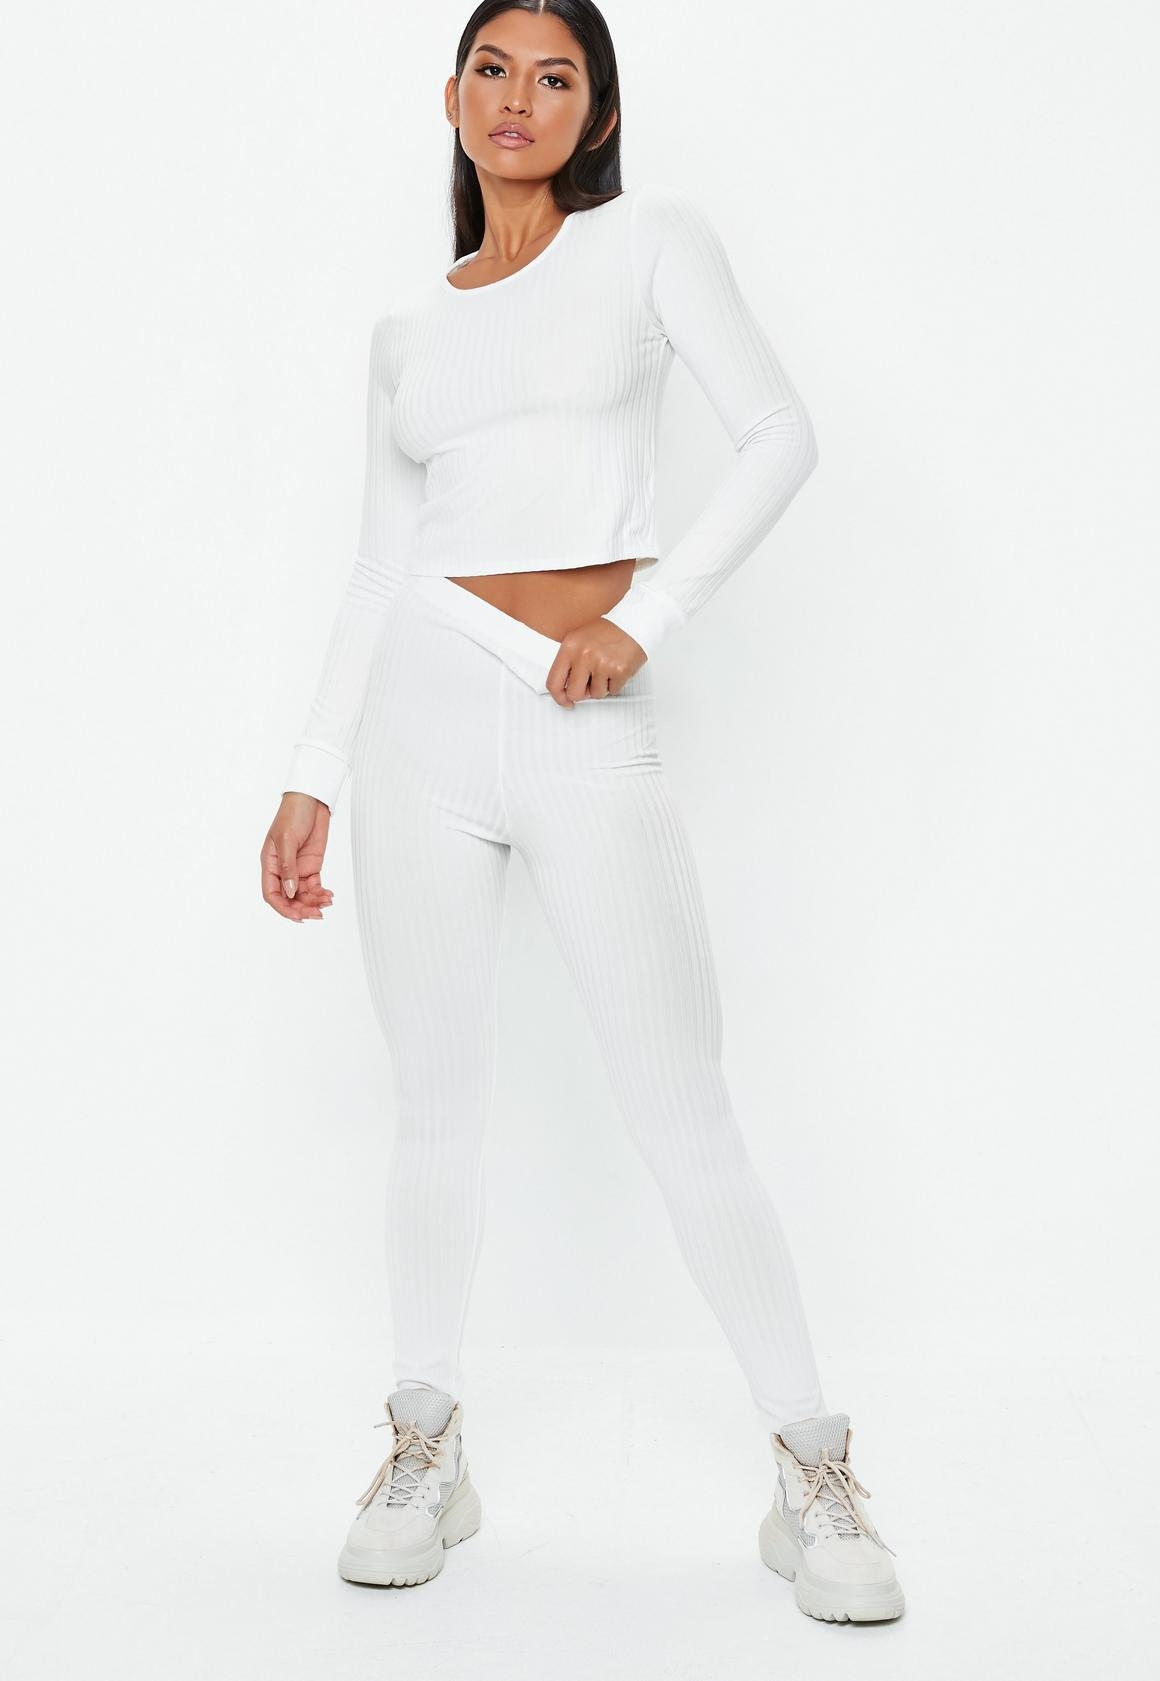 D418 MISSGUIDED białe prążkowane legginsy 38